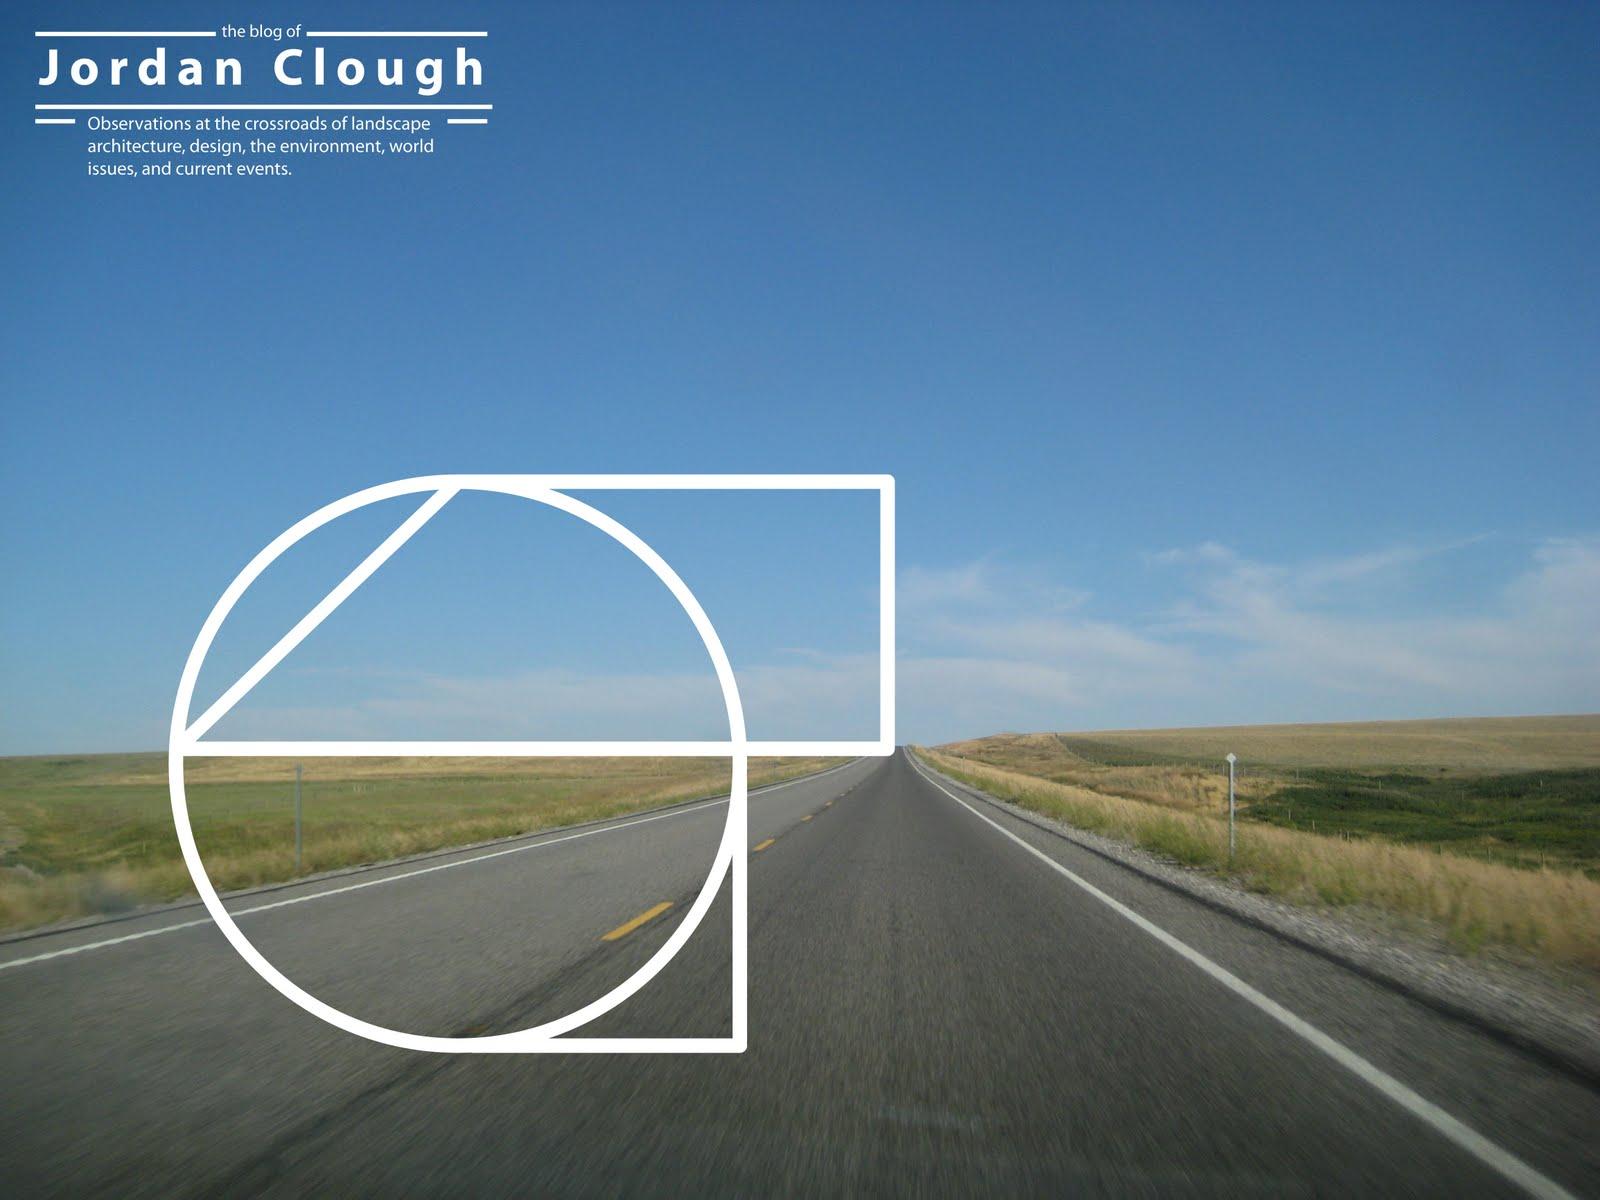 Jordan Clough